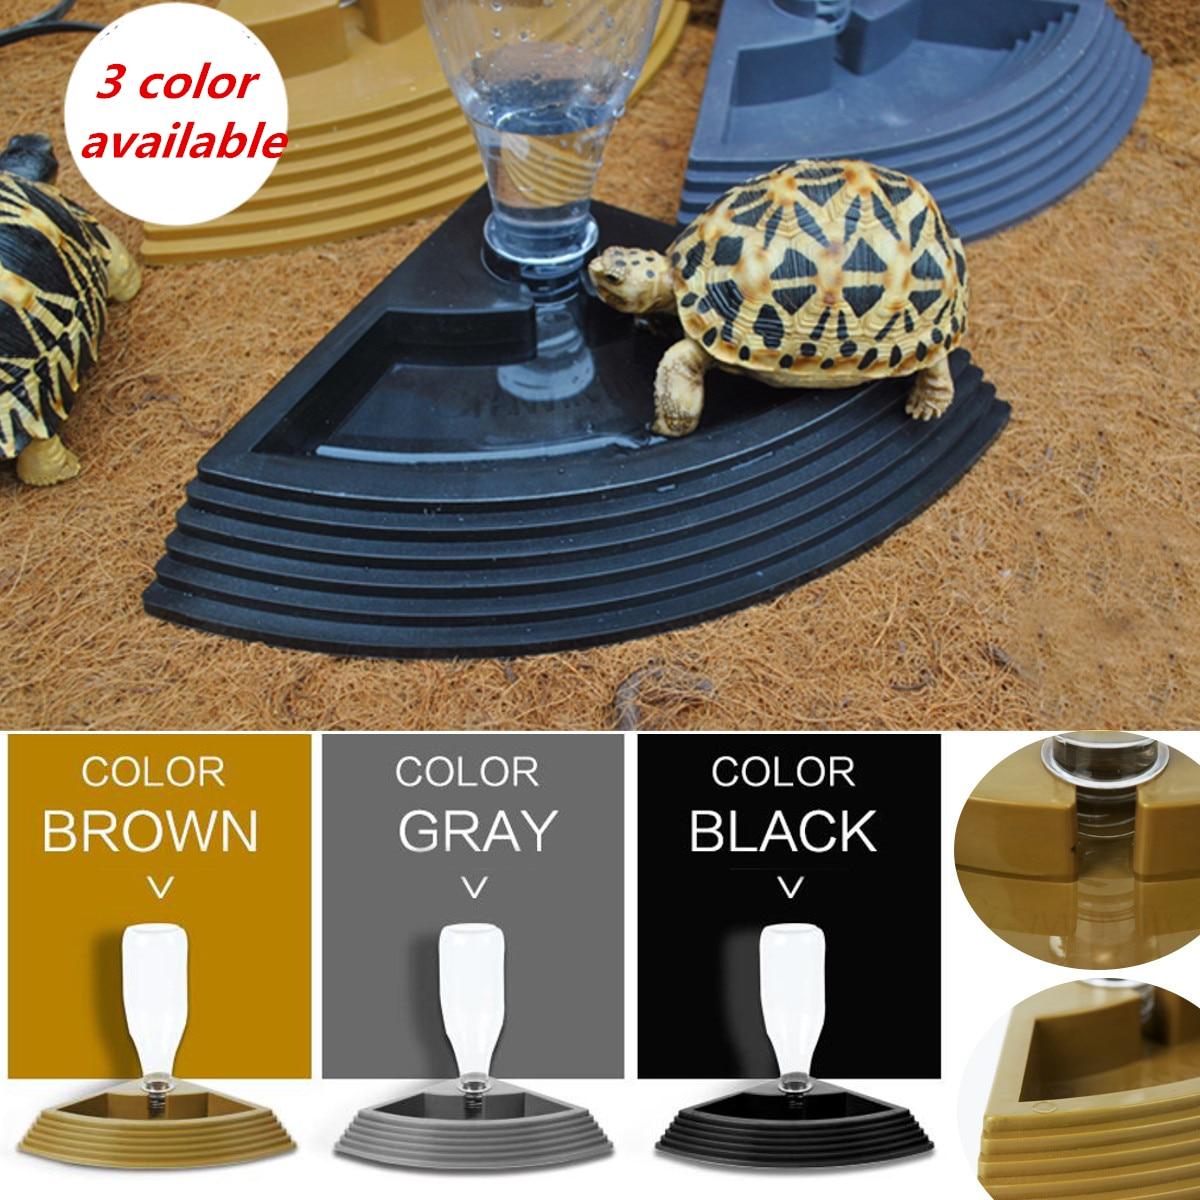 450ml Pet Turtles Water Drinking Dish Bowl Feeder Tortoise Reptiles Cat Dog Water Pot Dispenser Feeding Supplies Black